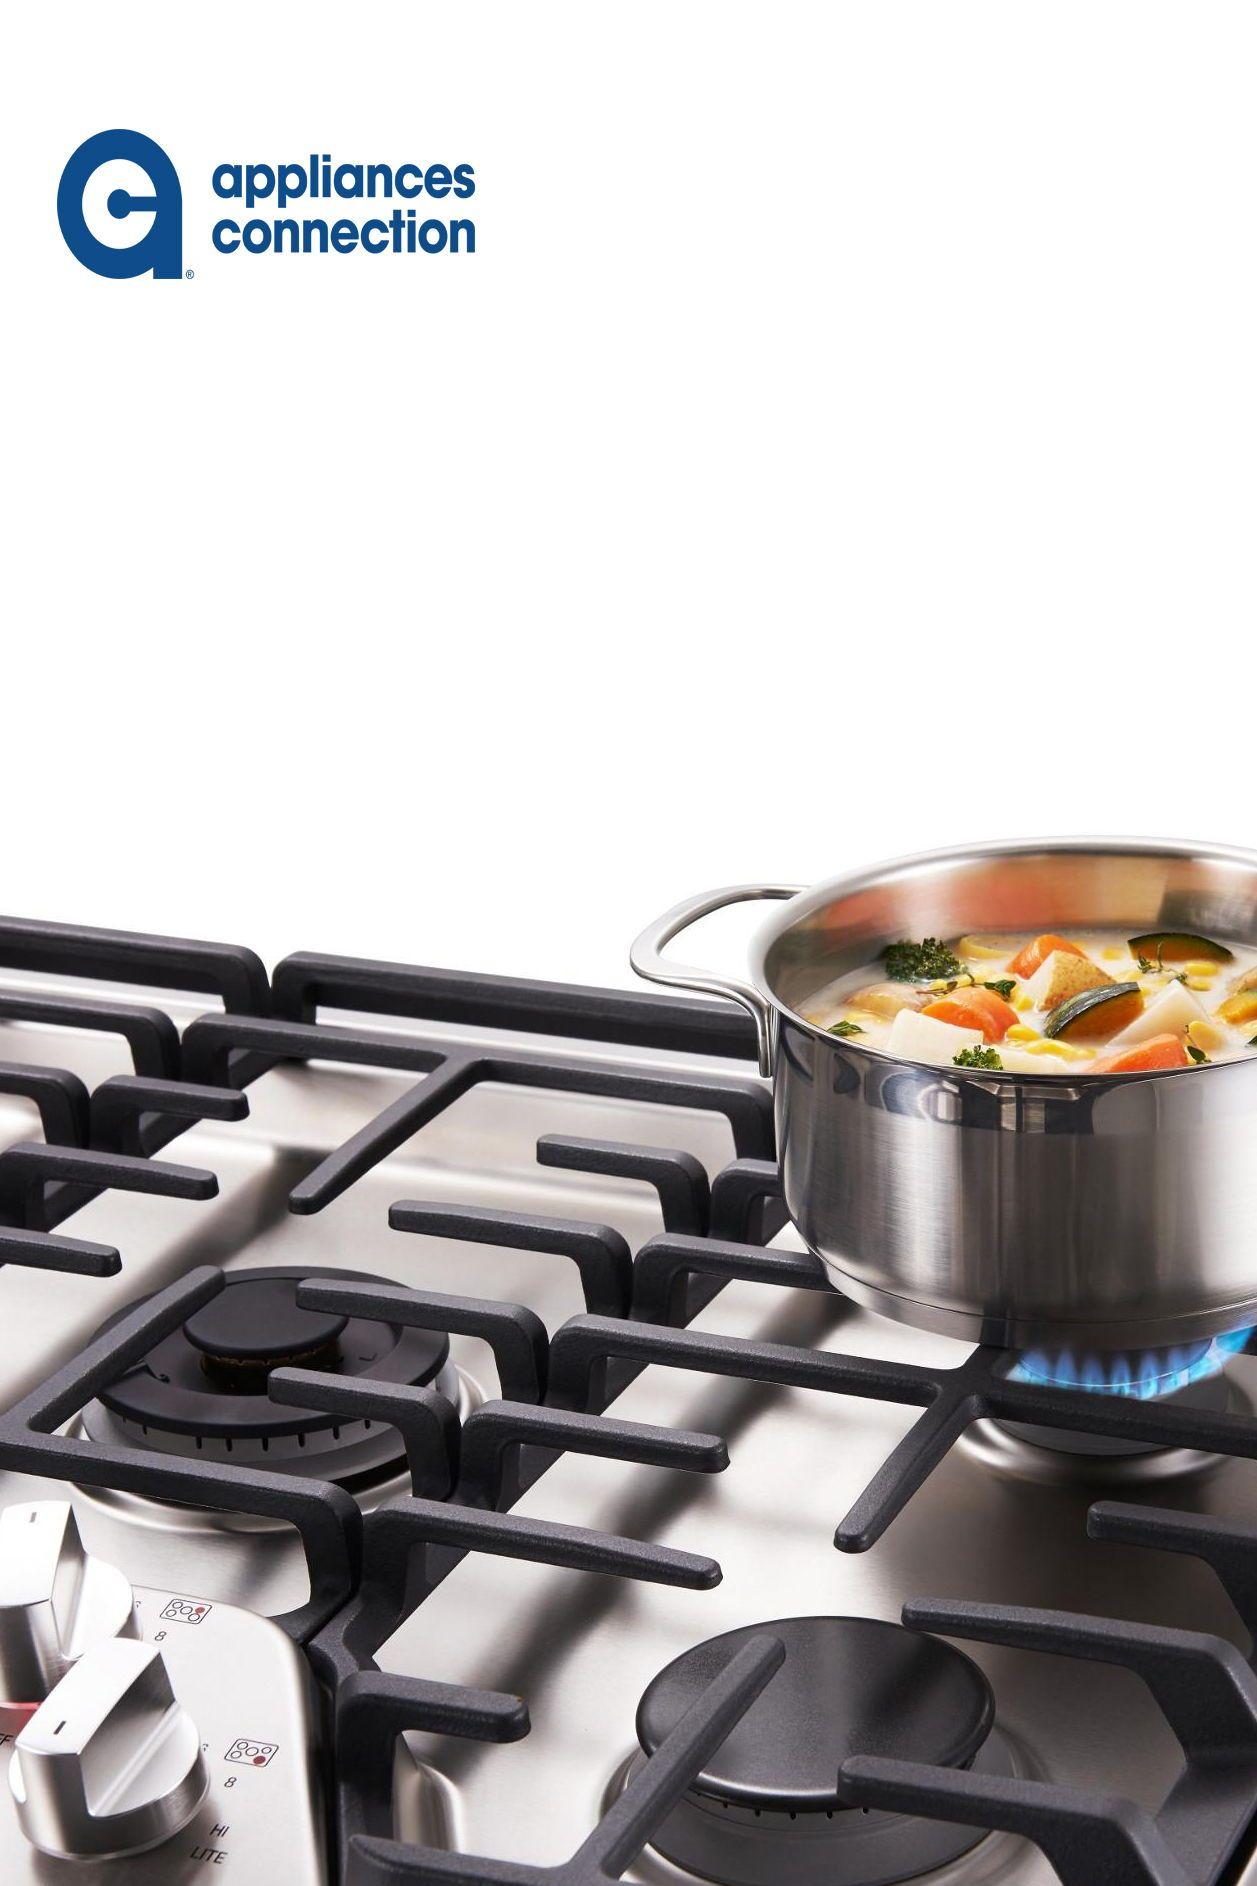 kitchenaid 5 burner gas cooktop griddle